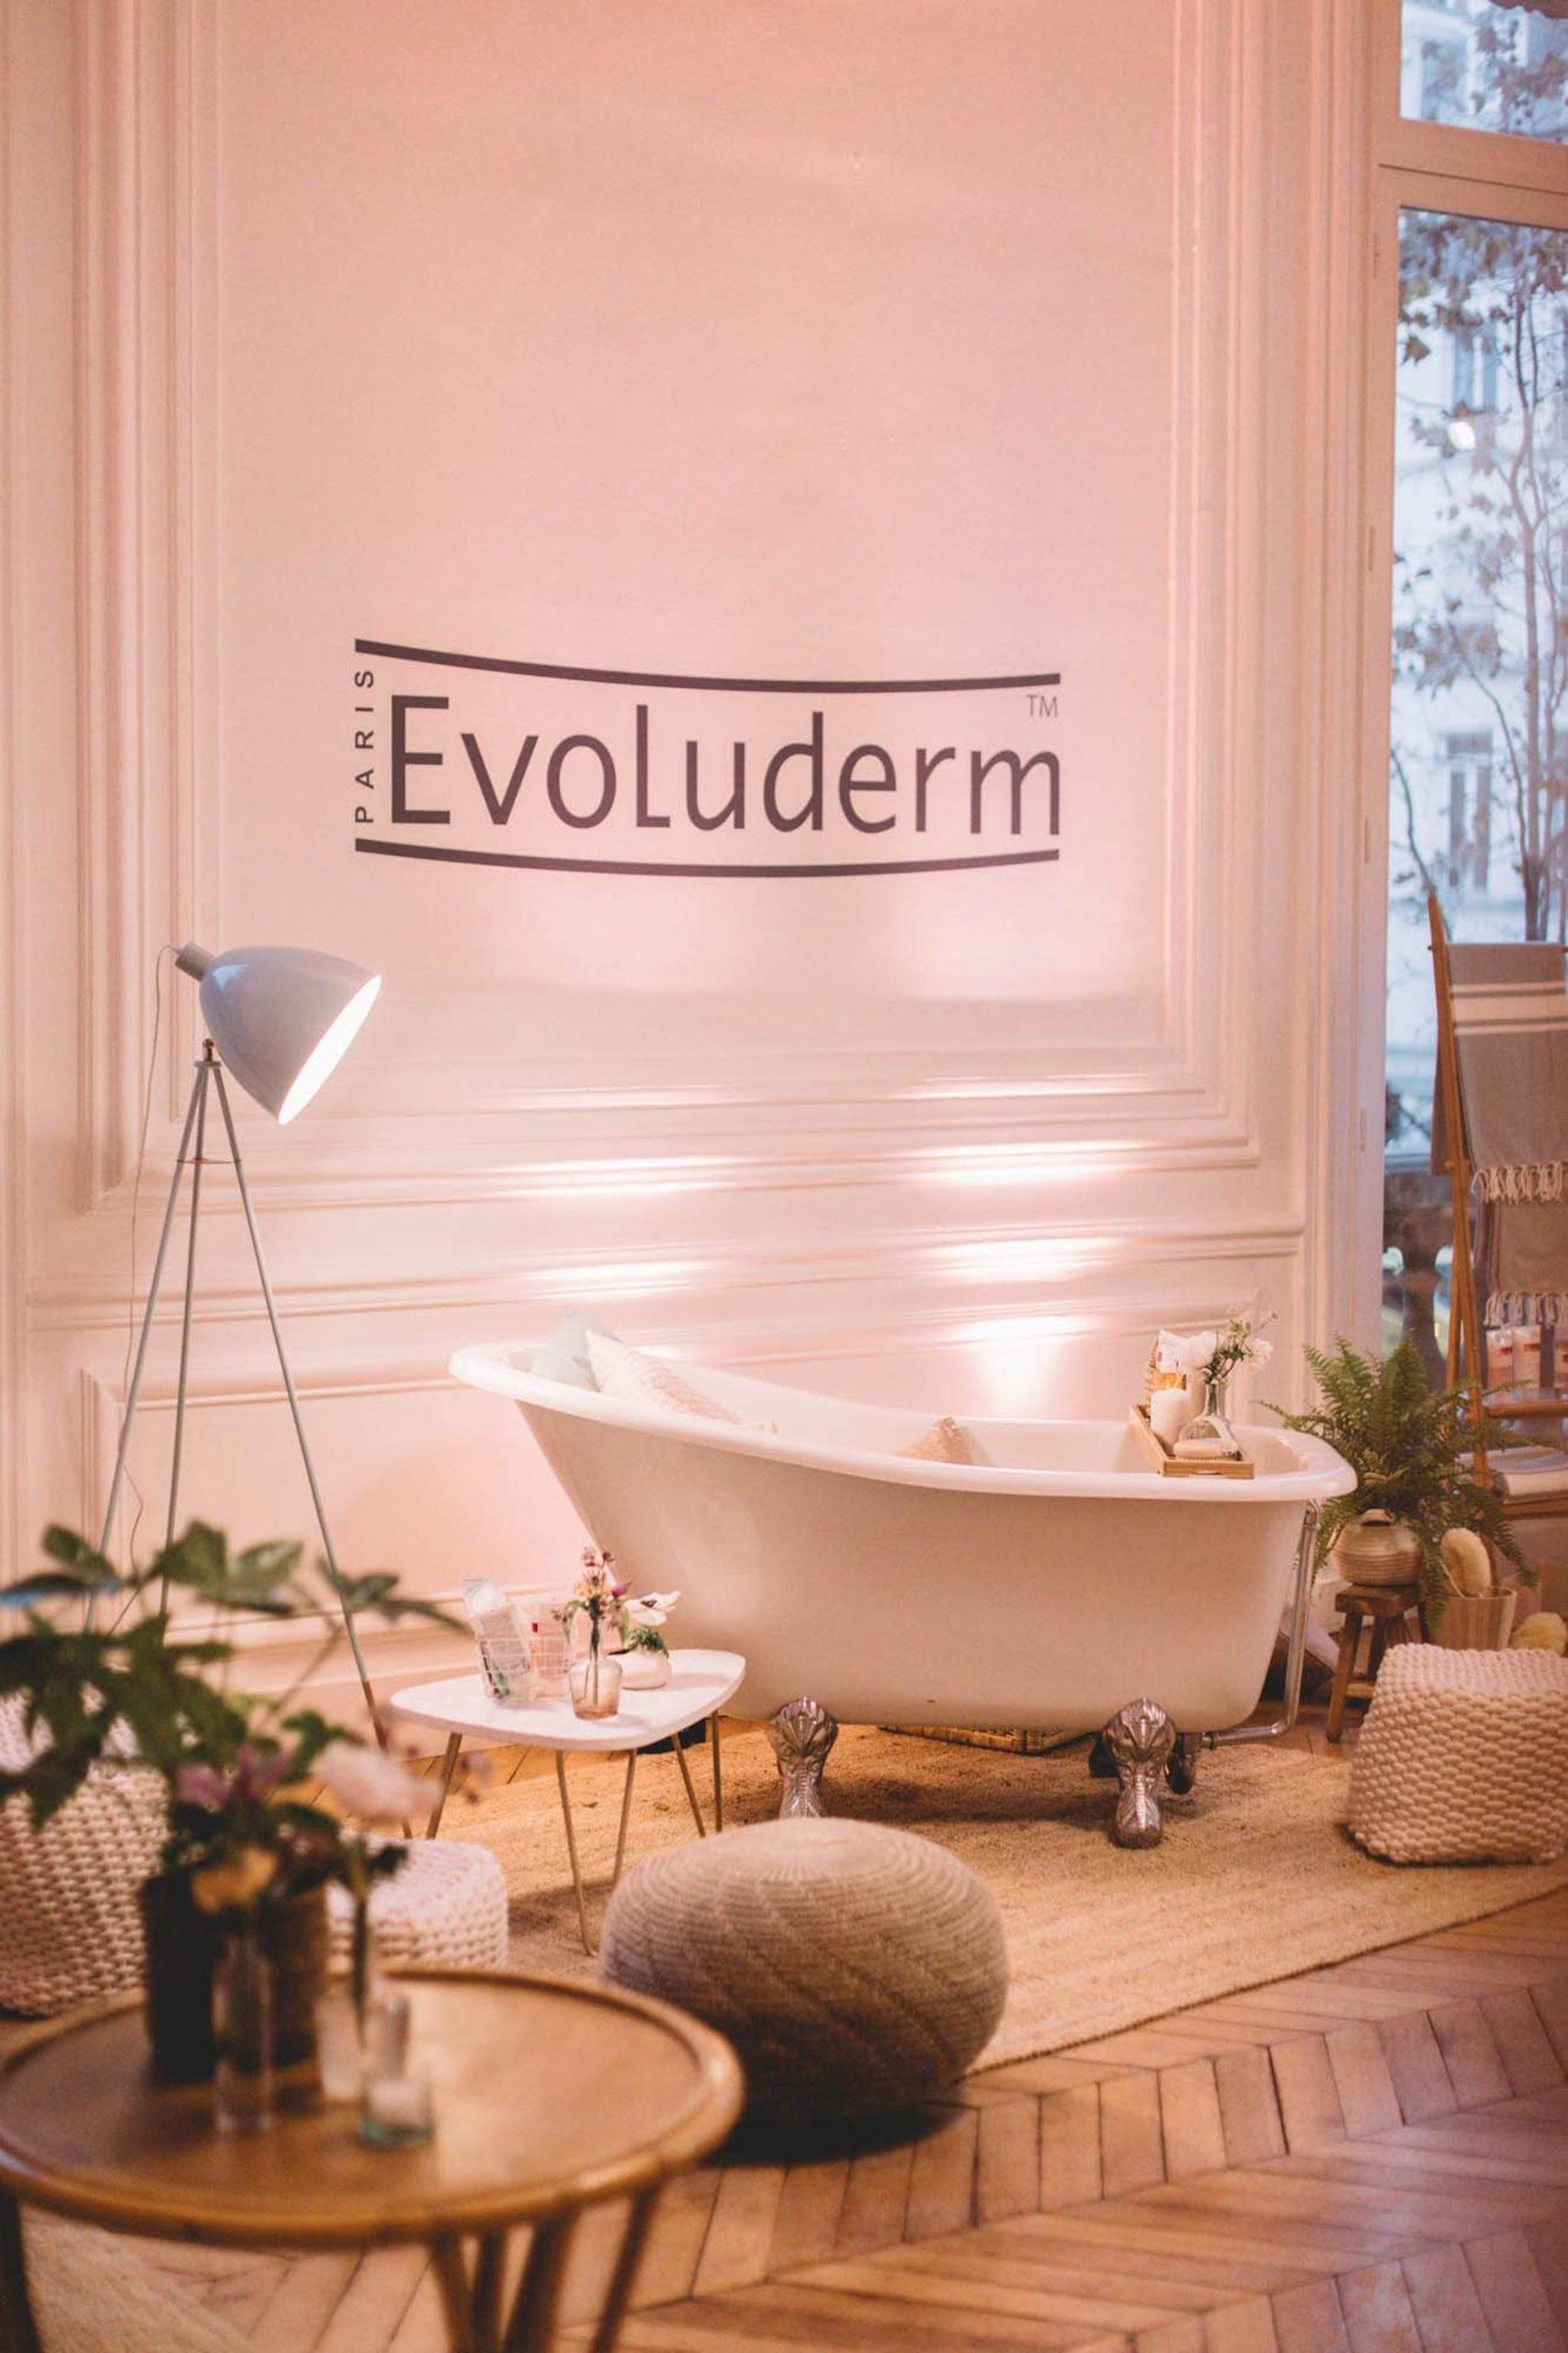 Reflets Fleurs - Scénographe floral - Fleuriste évènements Paris - Soirée influenceurs Evoluderm